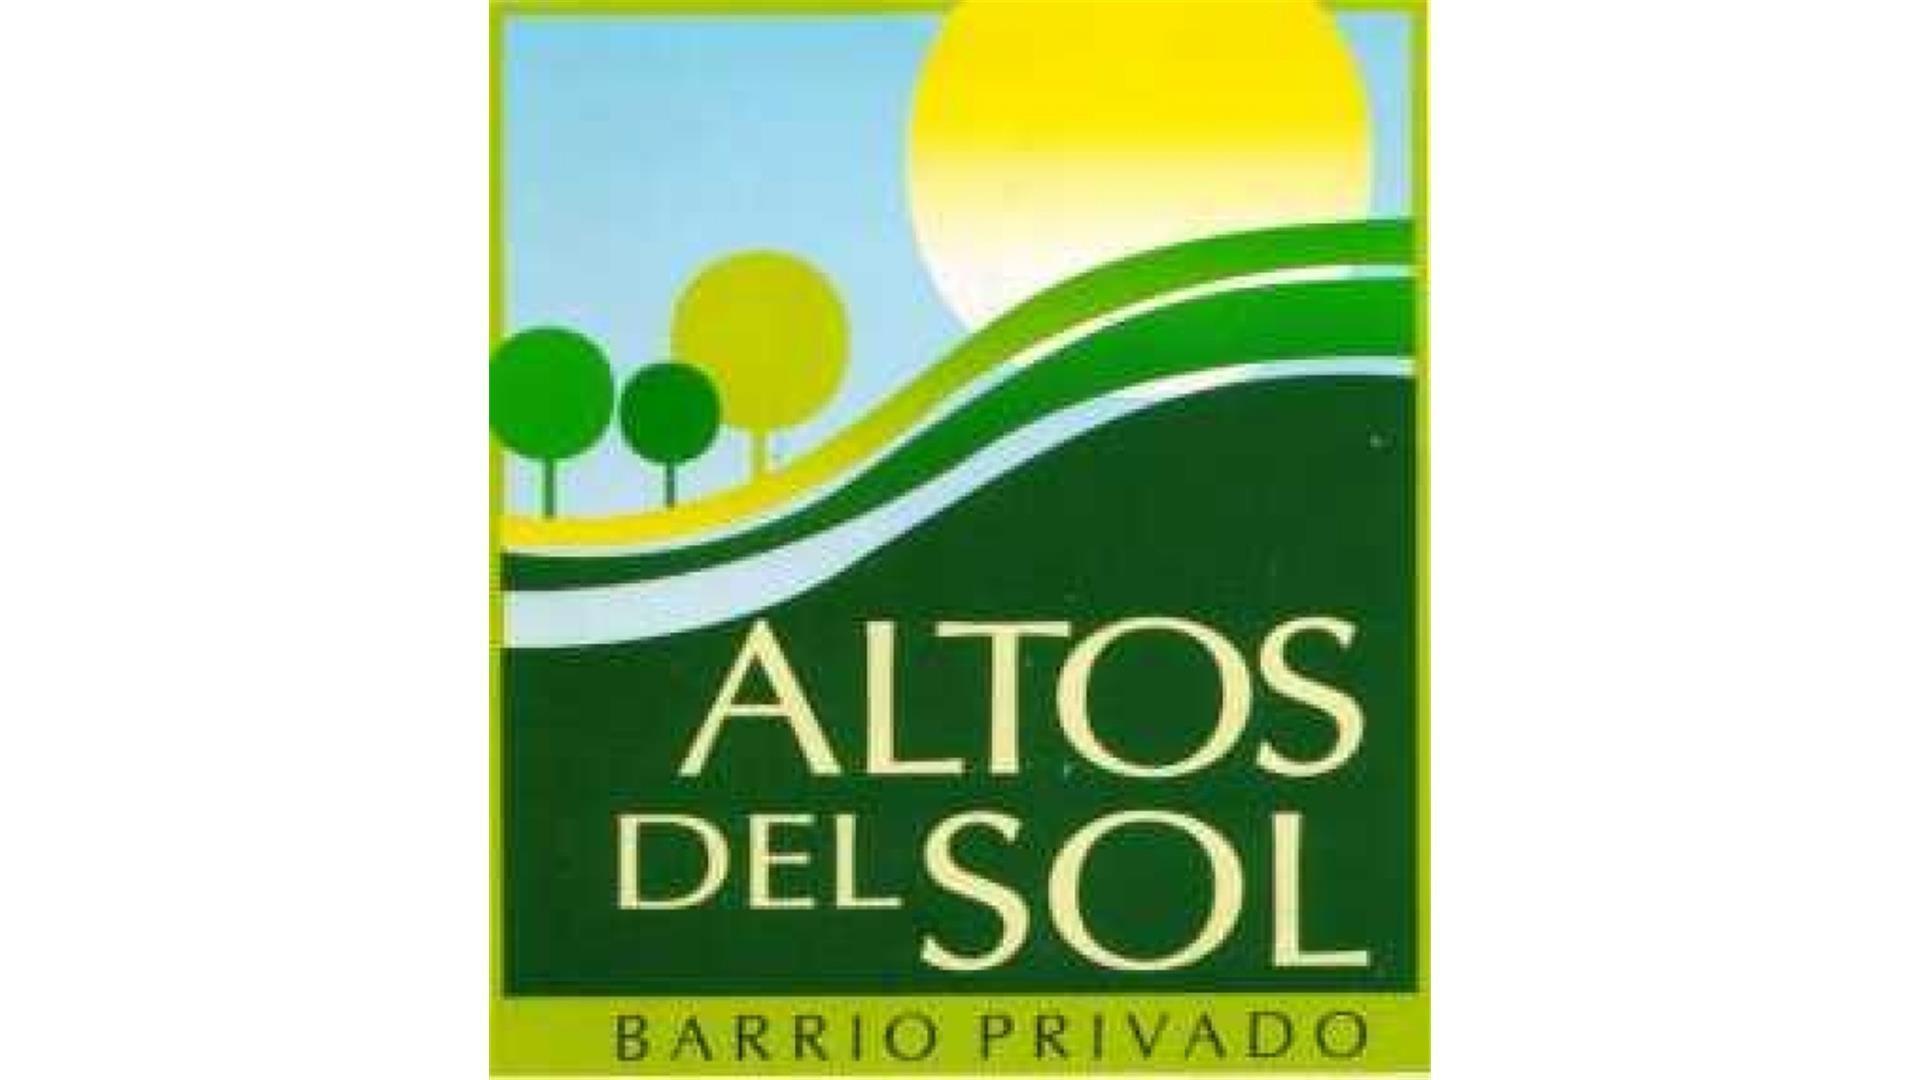 TERRENO LOTE EN VENTA 620 M2 EN BARRIO CERRADO ALTOS DEL SOL